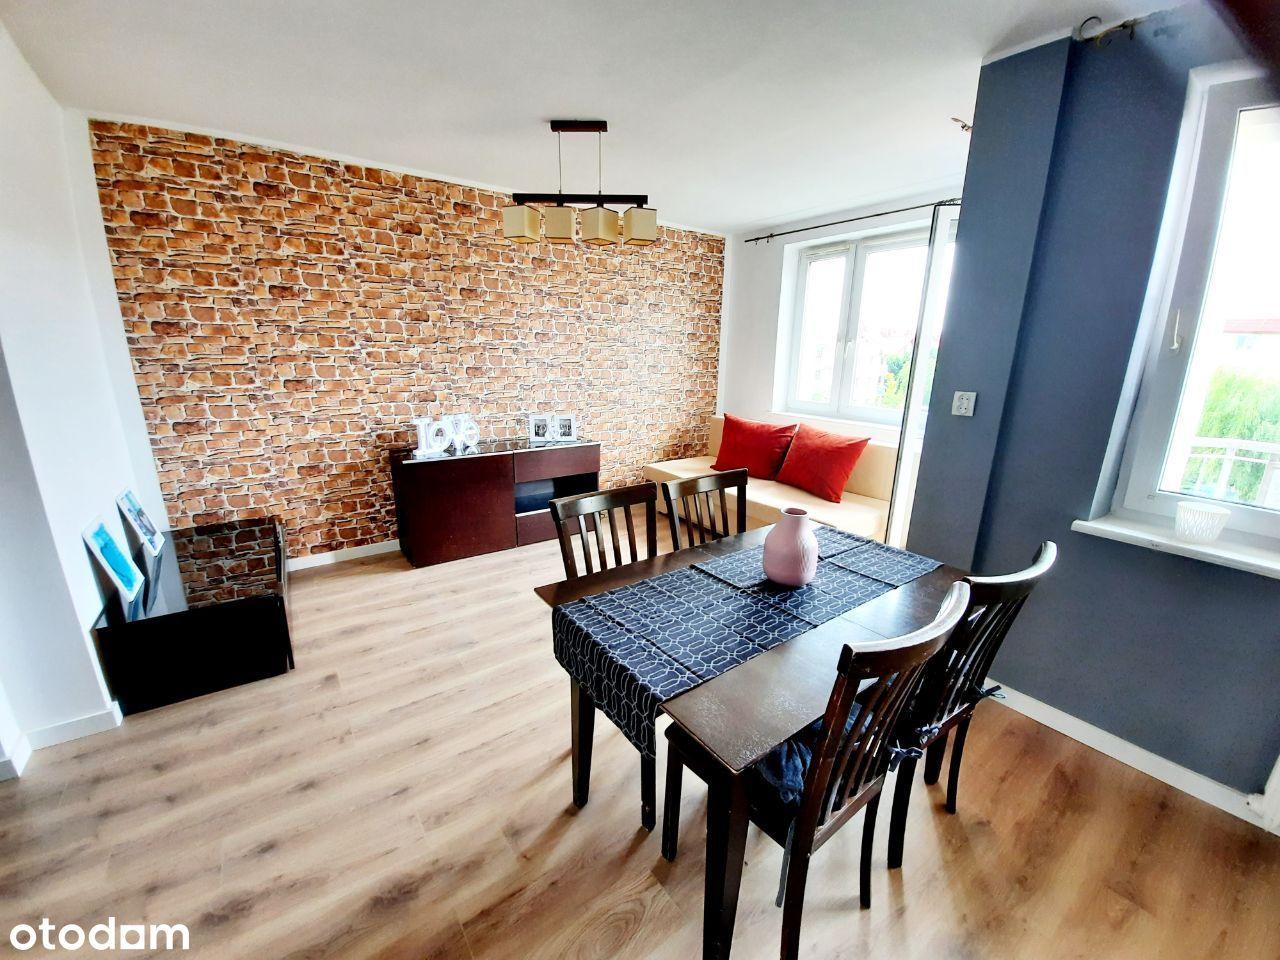 Mieszkanie 2 pokojowe, nowe budownictwo, ul Witosa